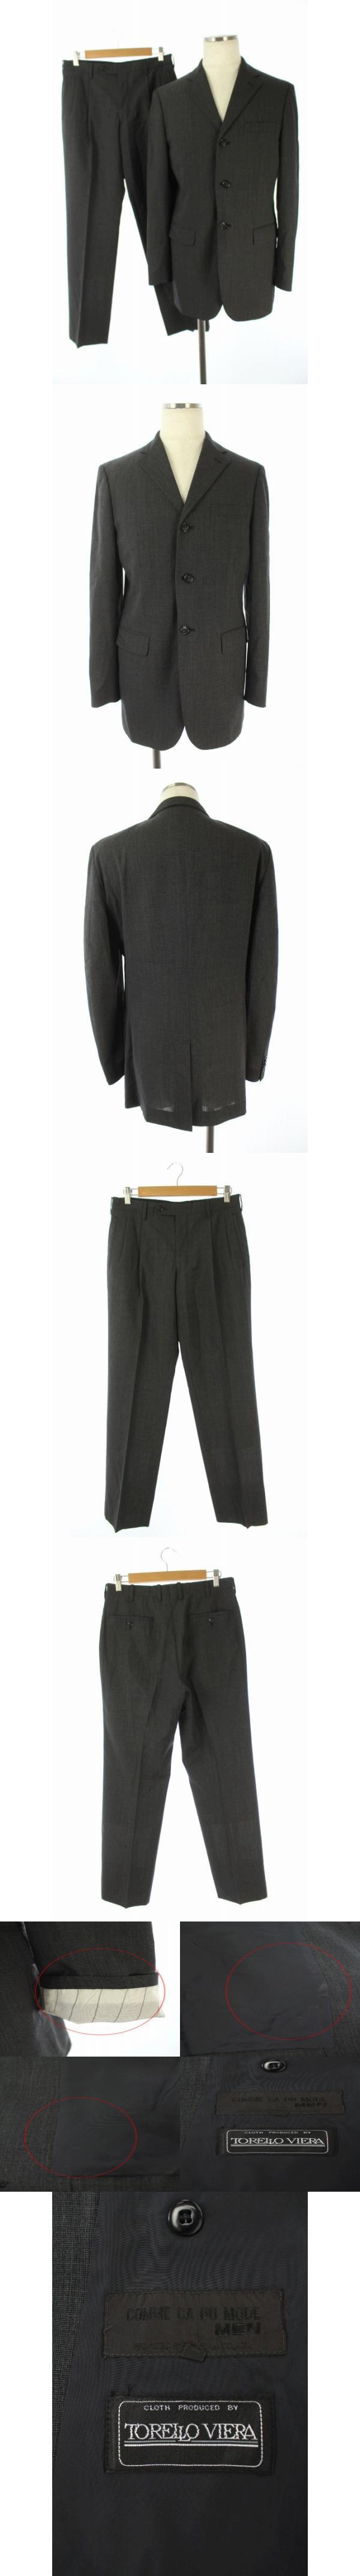 セットアップ ジャケット テーラード 背抜き パンツ センタープレス 2 グレー /HH